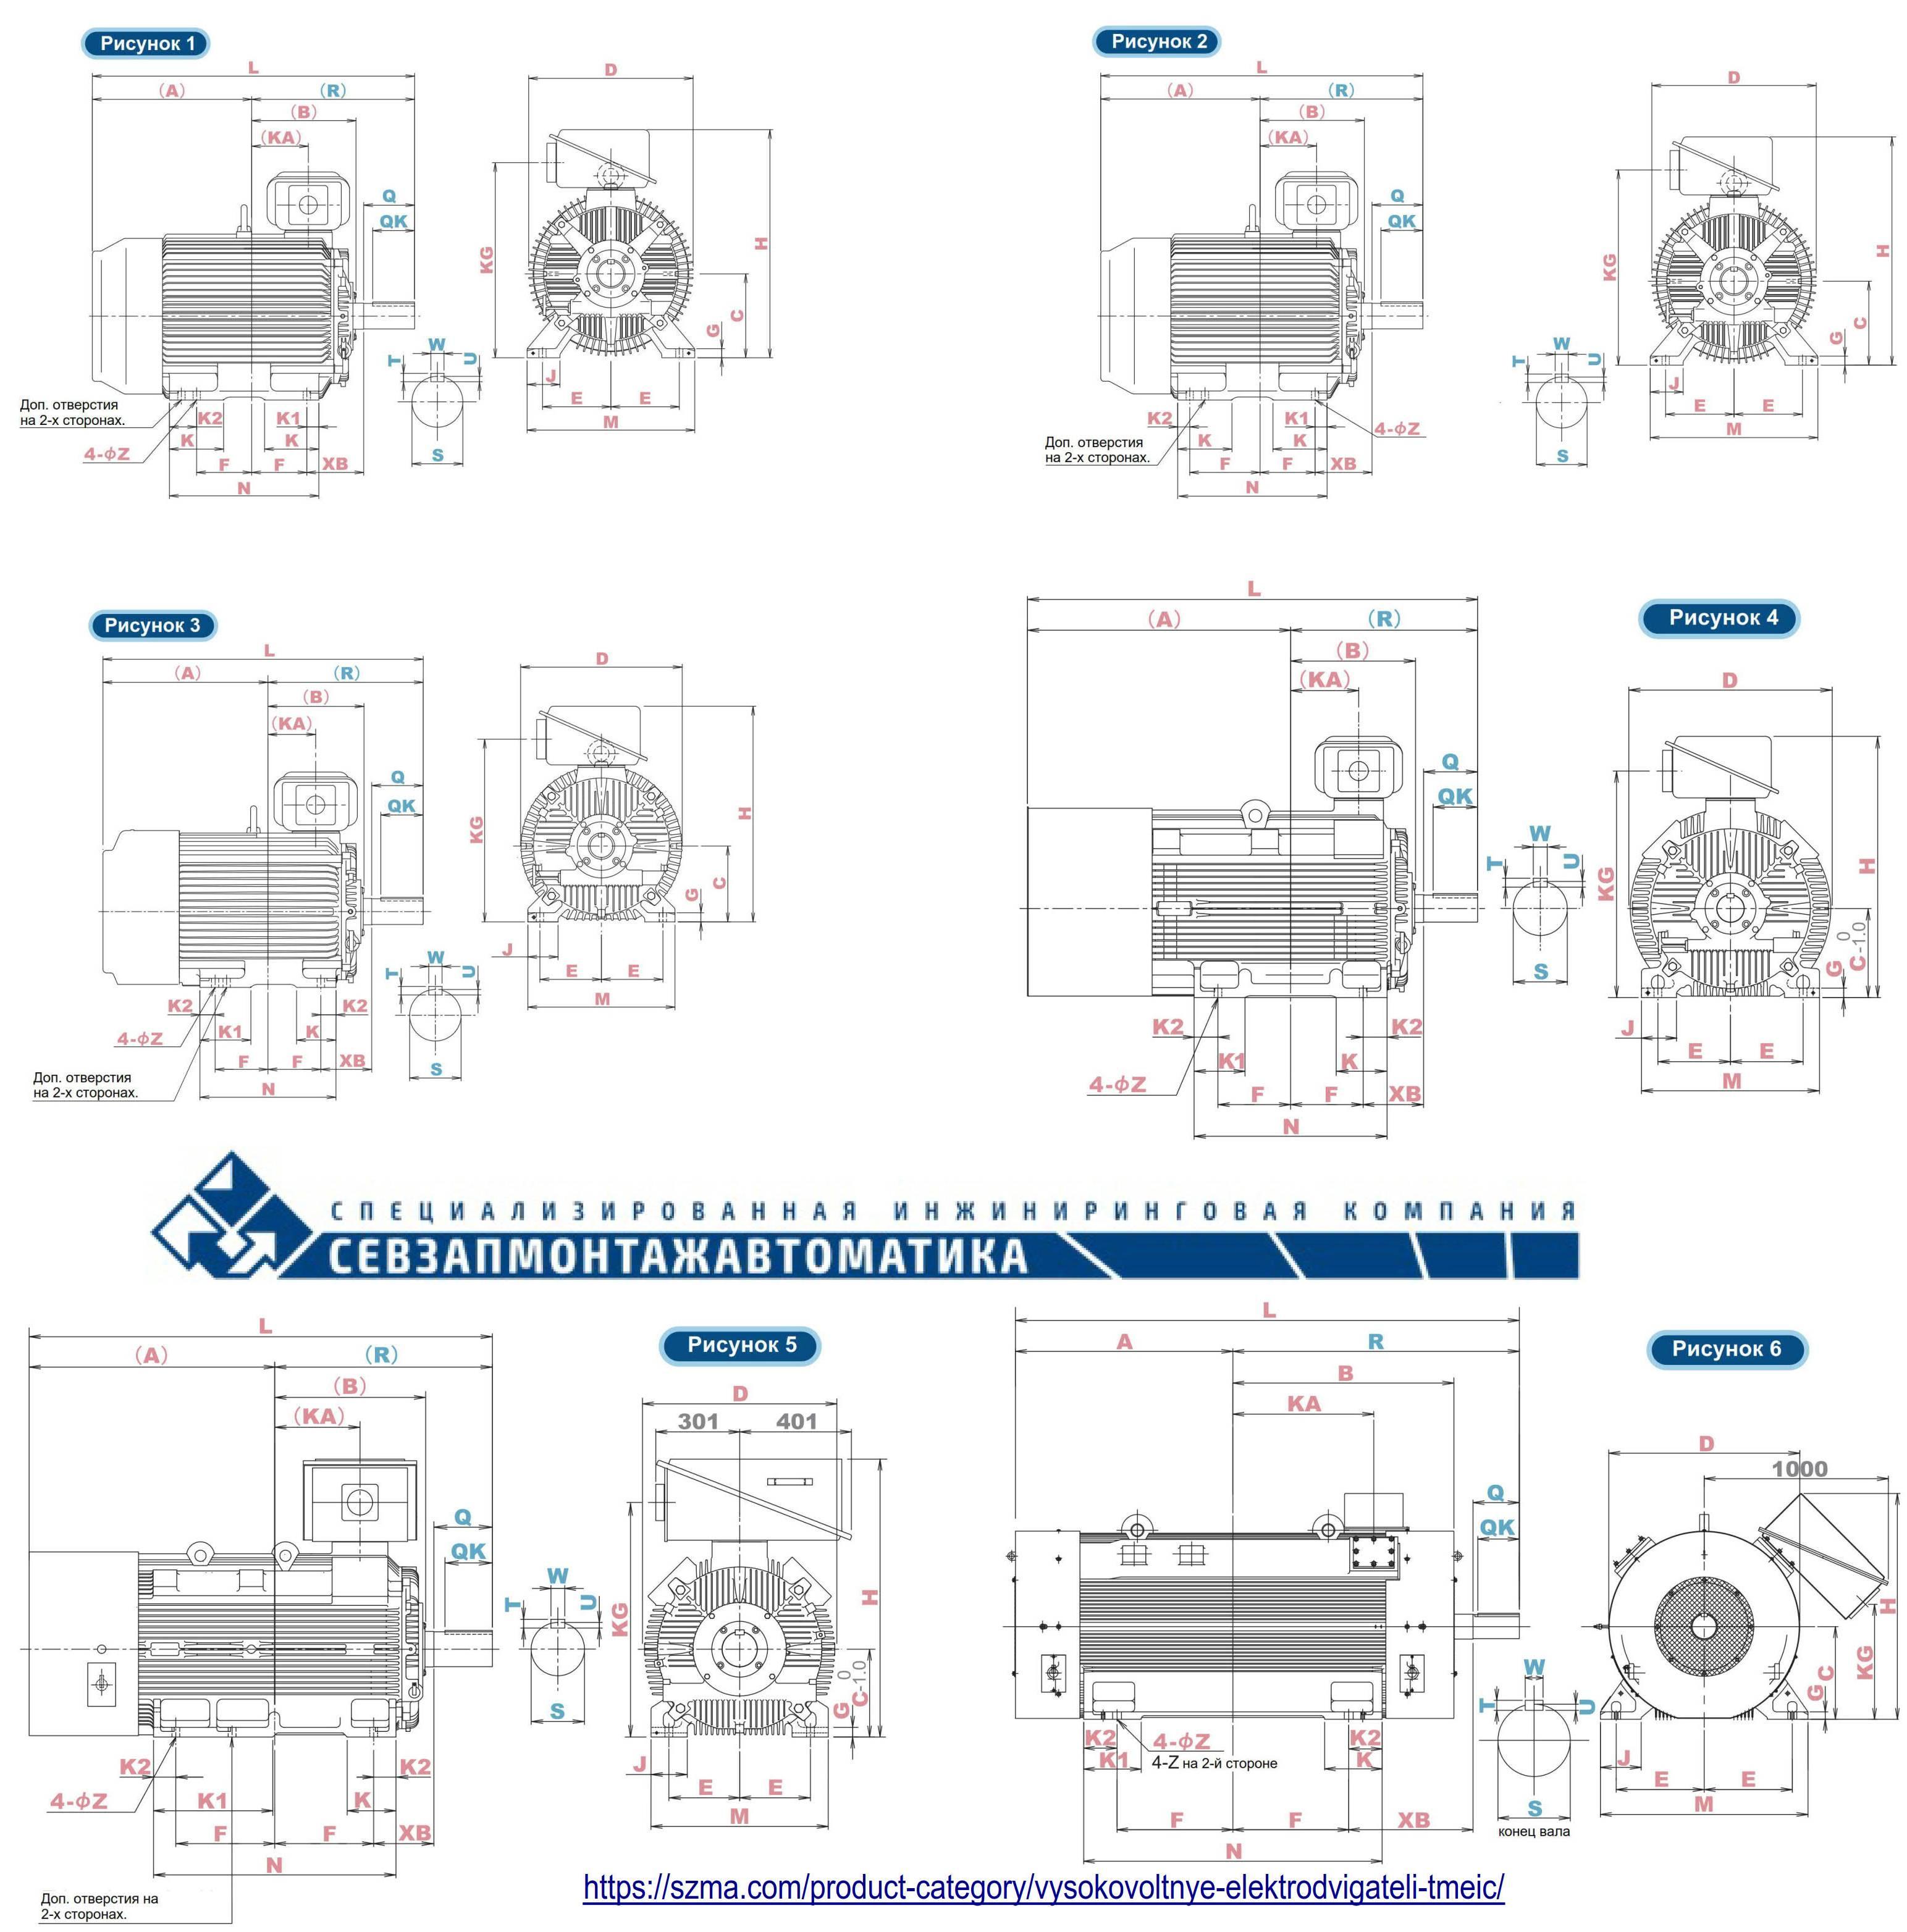 Размеры высоковольтных асинхронных трехфазных электродвигателей 21-FII напряжения TMEIC